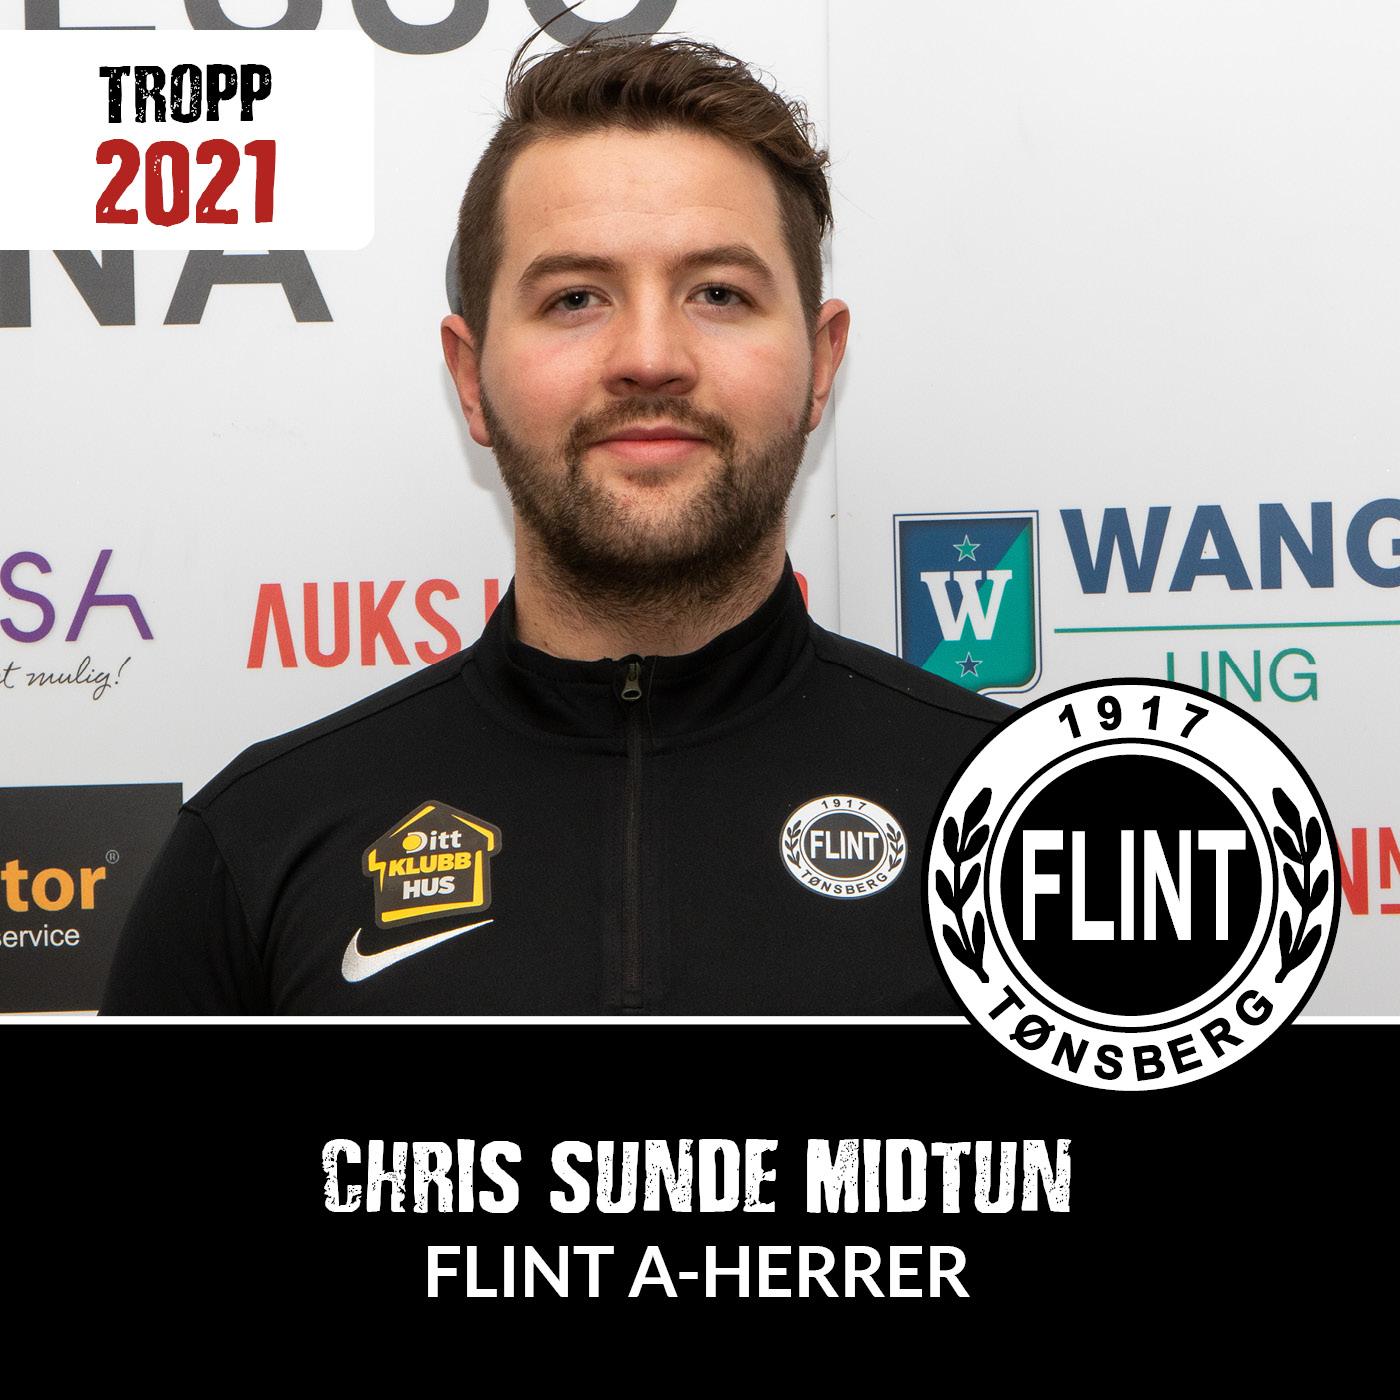 https://www.flintfotball.no/wp-content/uploads/2020/12/A-herrer-2021-Chris-Sunde-Midtun.jpg